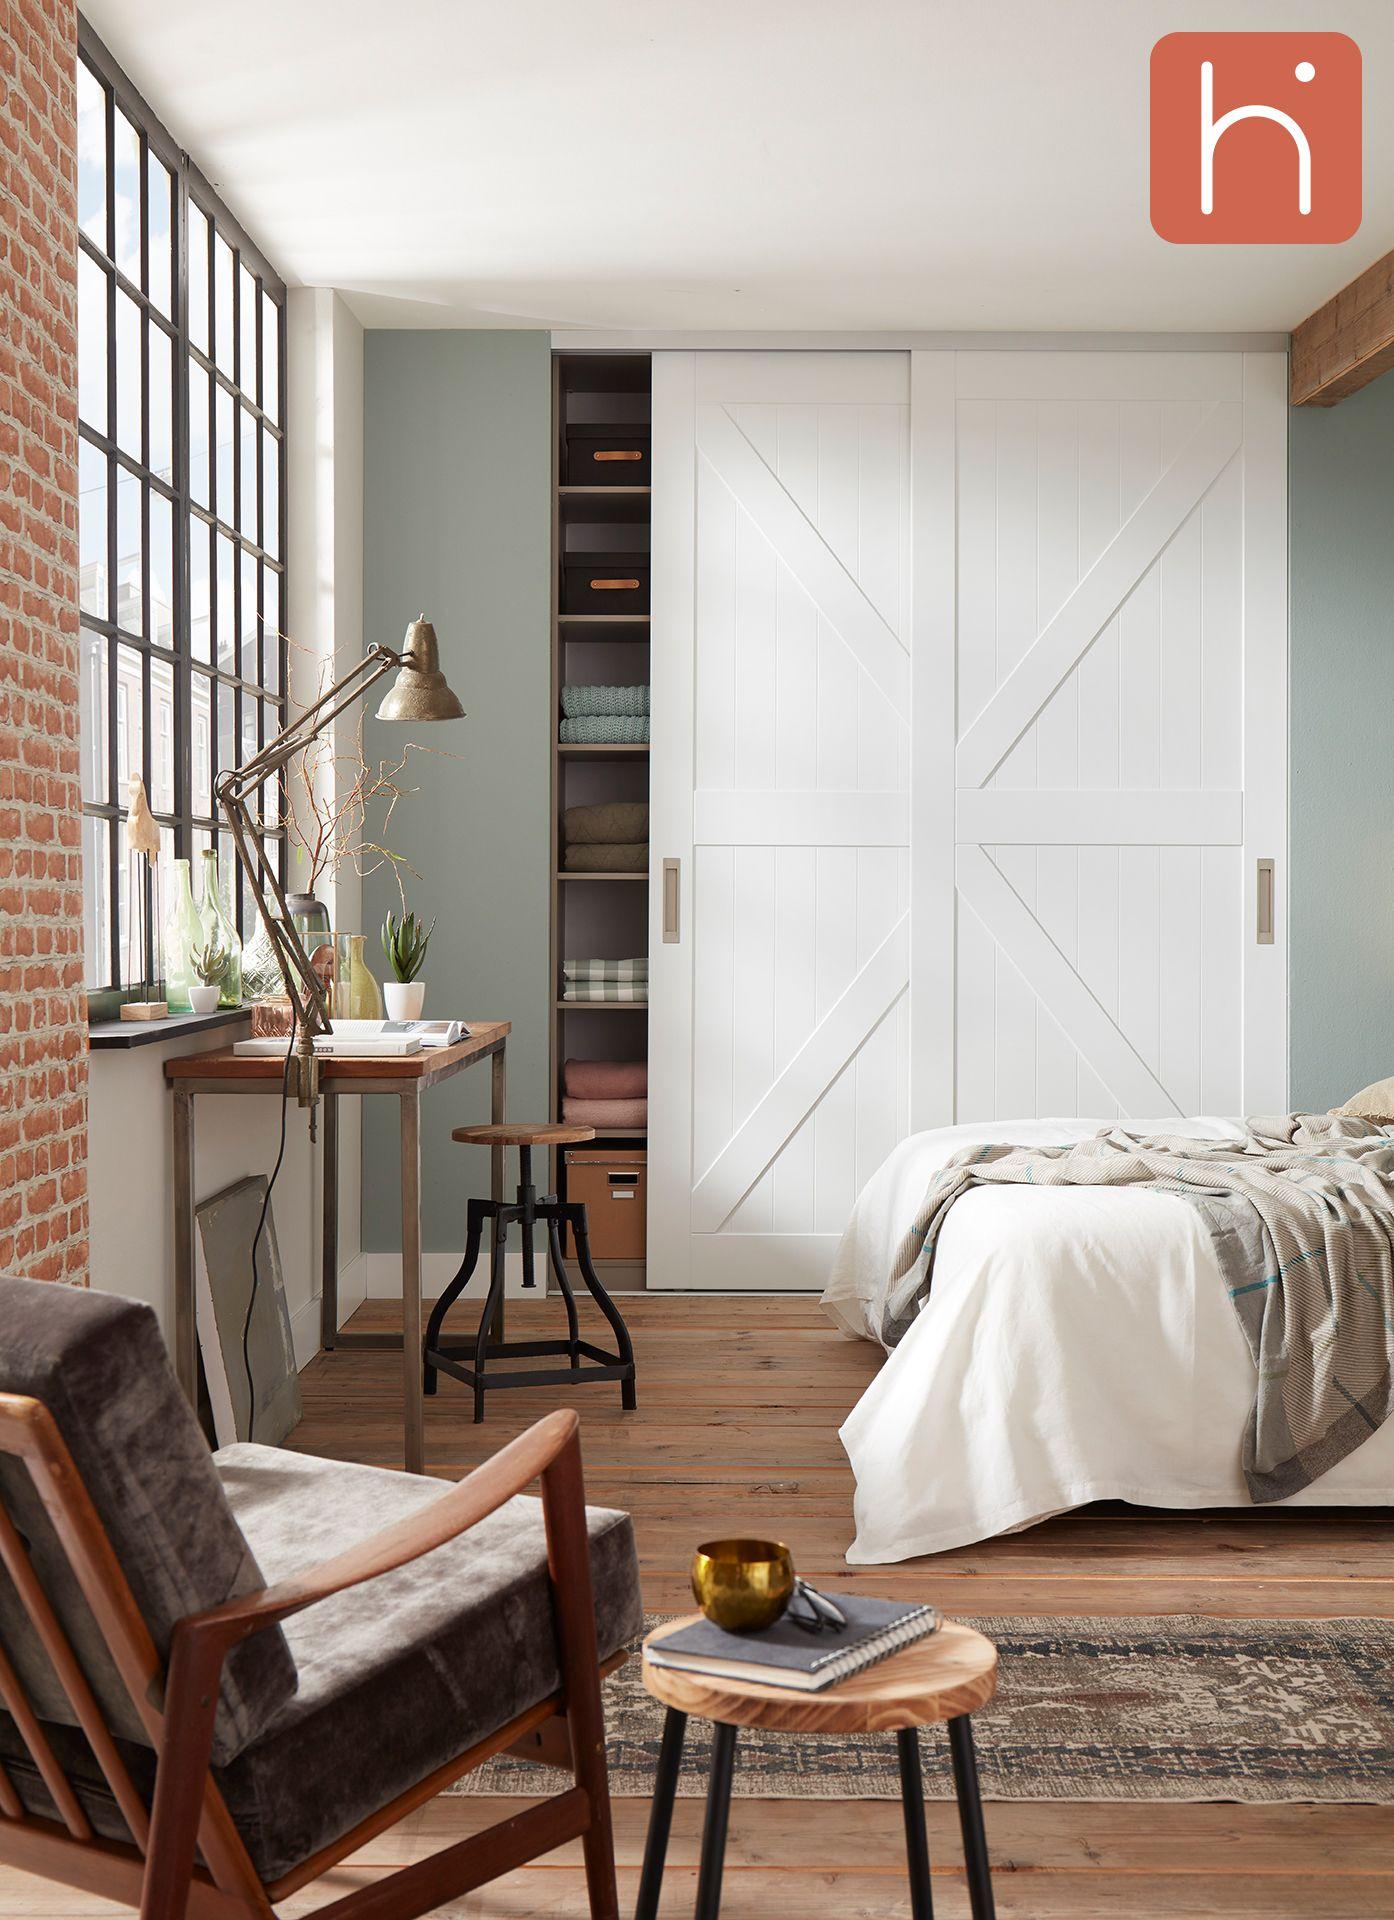 Hole Dir Mit Den Barn Turen Ein Echtes Stuck Landhaus Fur Dein Zu Hause Schi Furniture Design Living Room Tiny House Interior Design Furniture Design Wooden